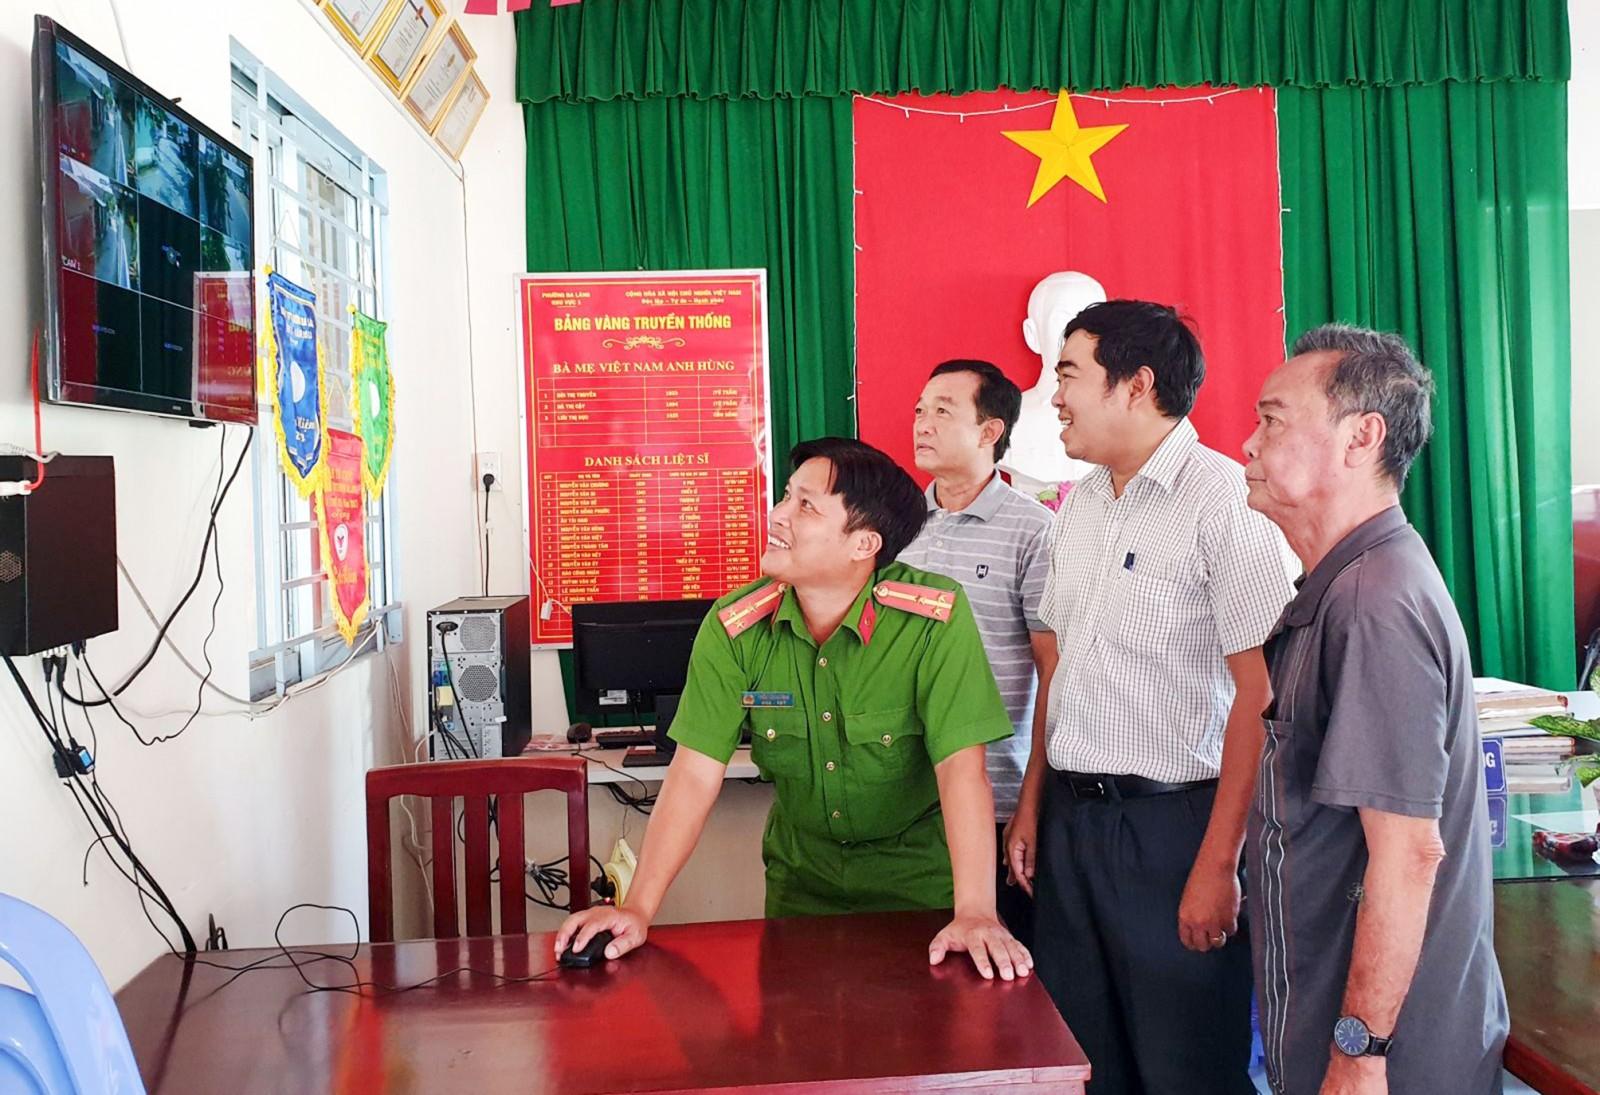 Cán bộ phường Ba Láng và cán bộ khu vực 1, phường Ba Láng, quận Cái Răng xem trích xuất camera an ninh. Ảnh: HỒNG VÂN